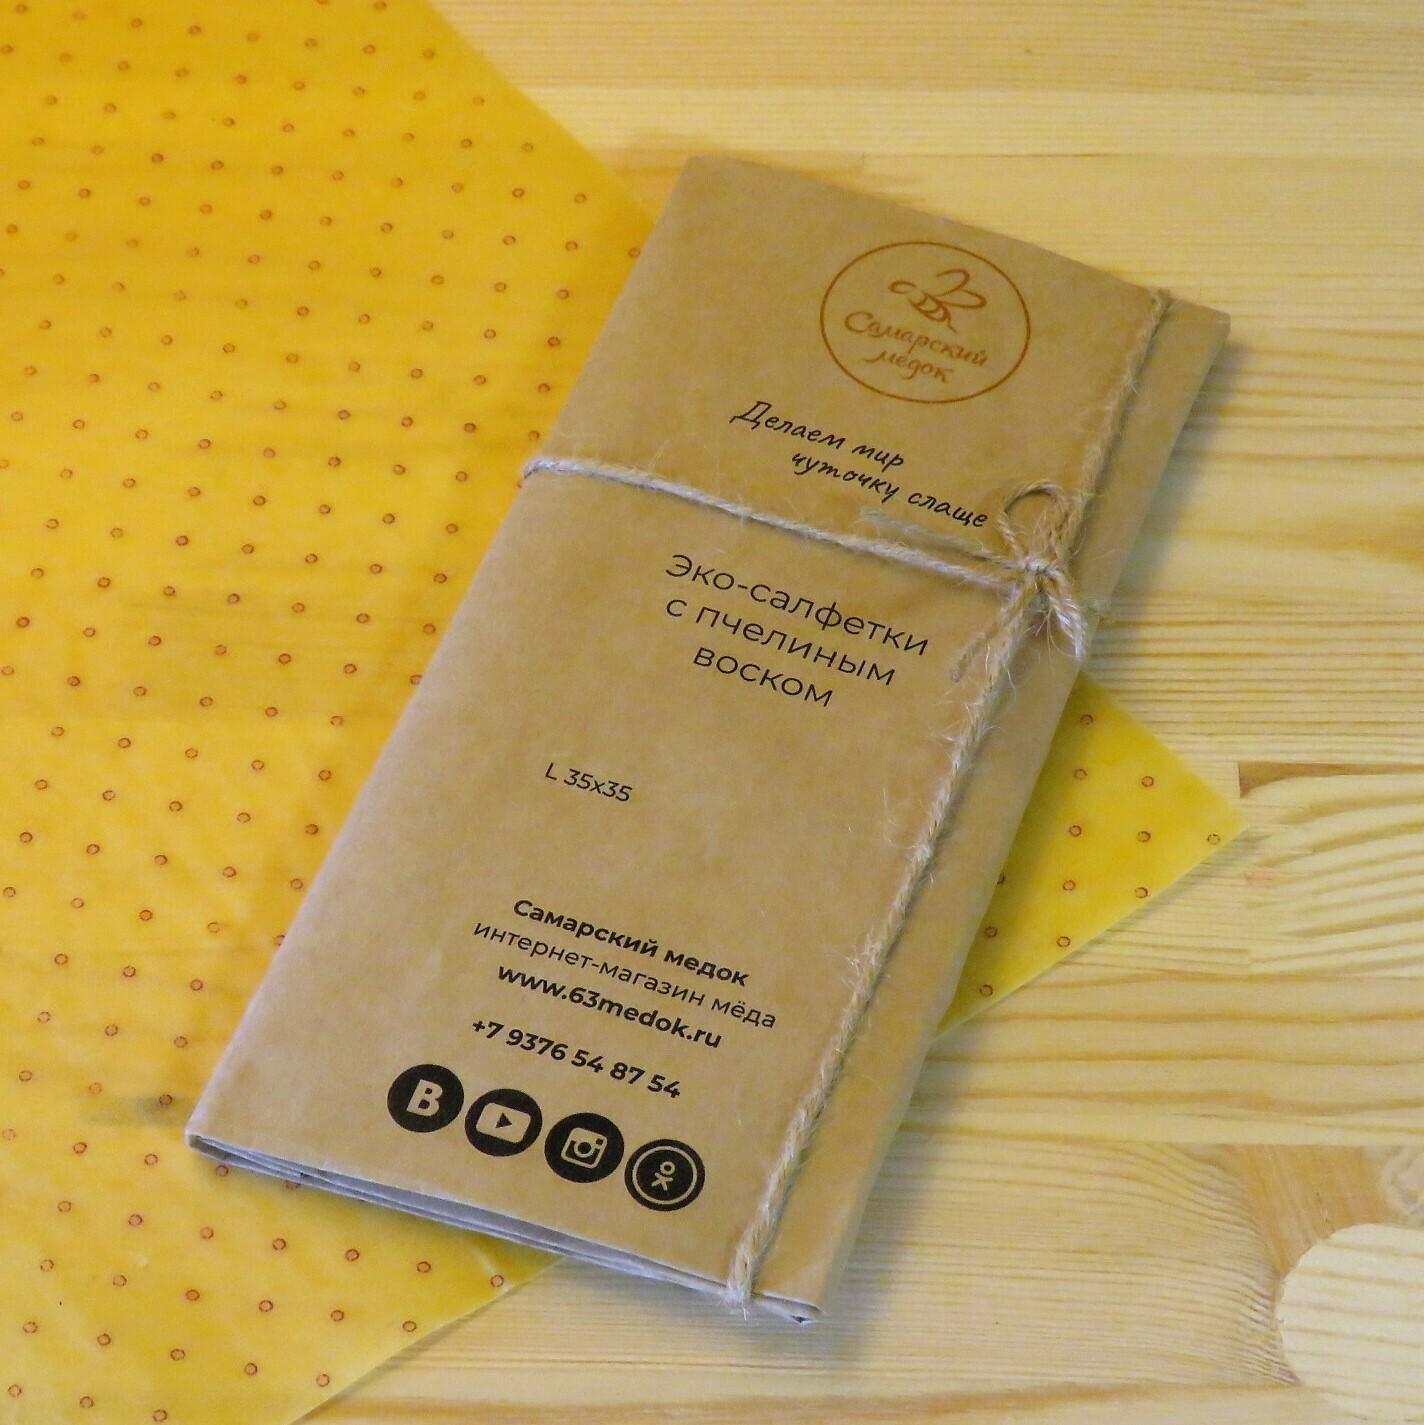 Эко-салфетка с пчелиным воском - L (35x35)